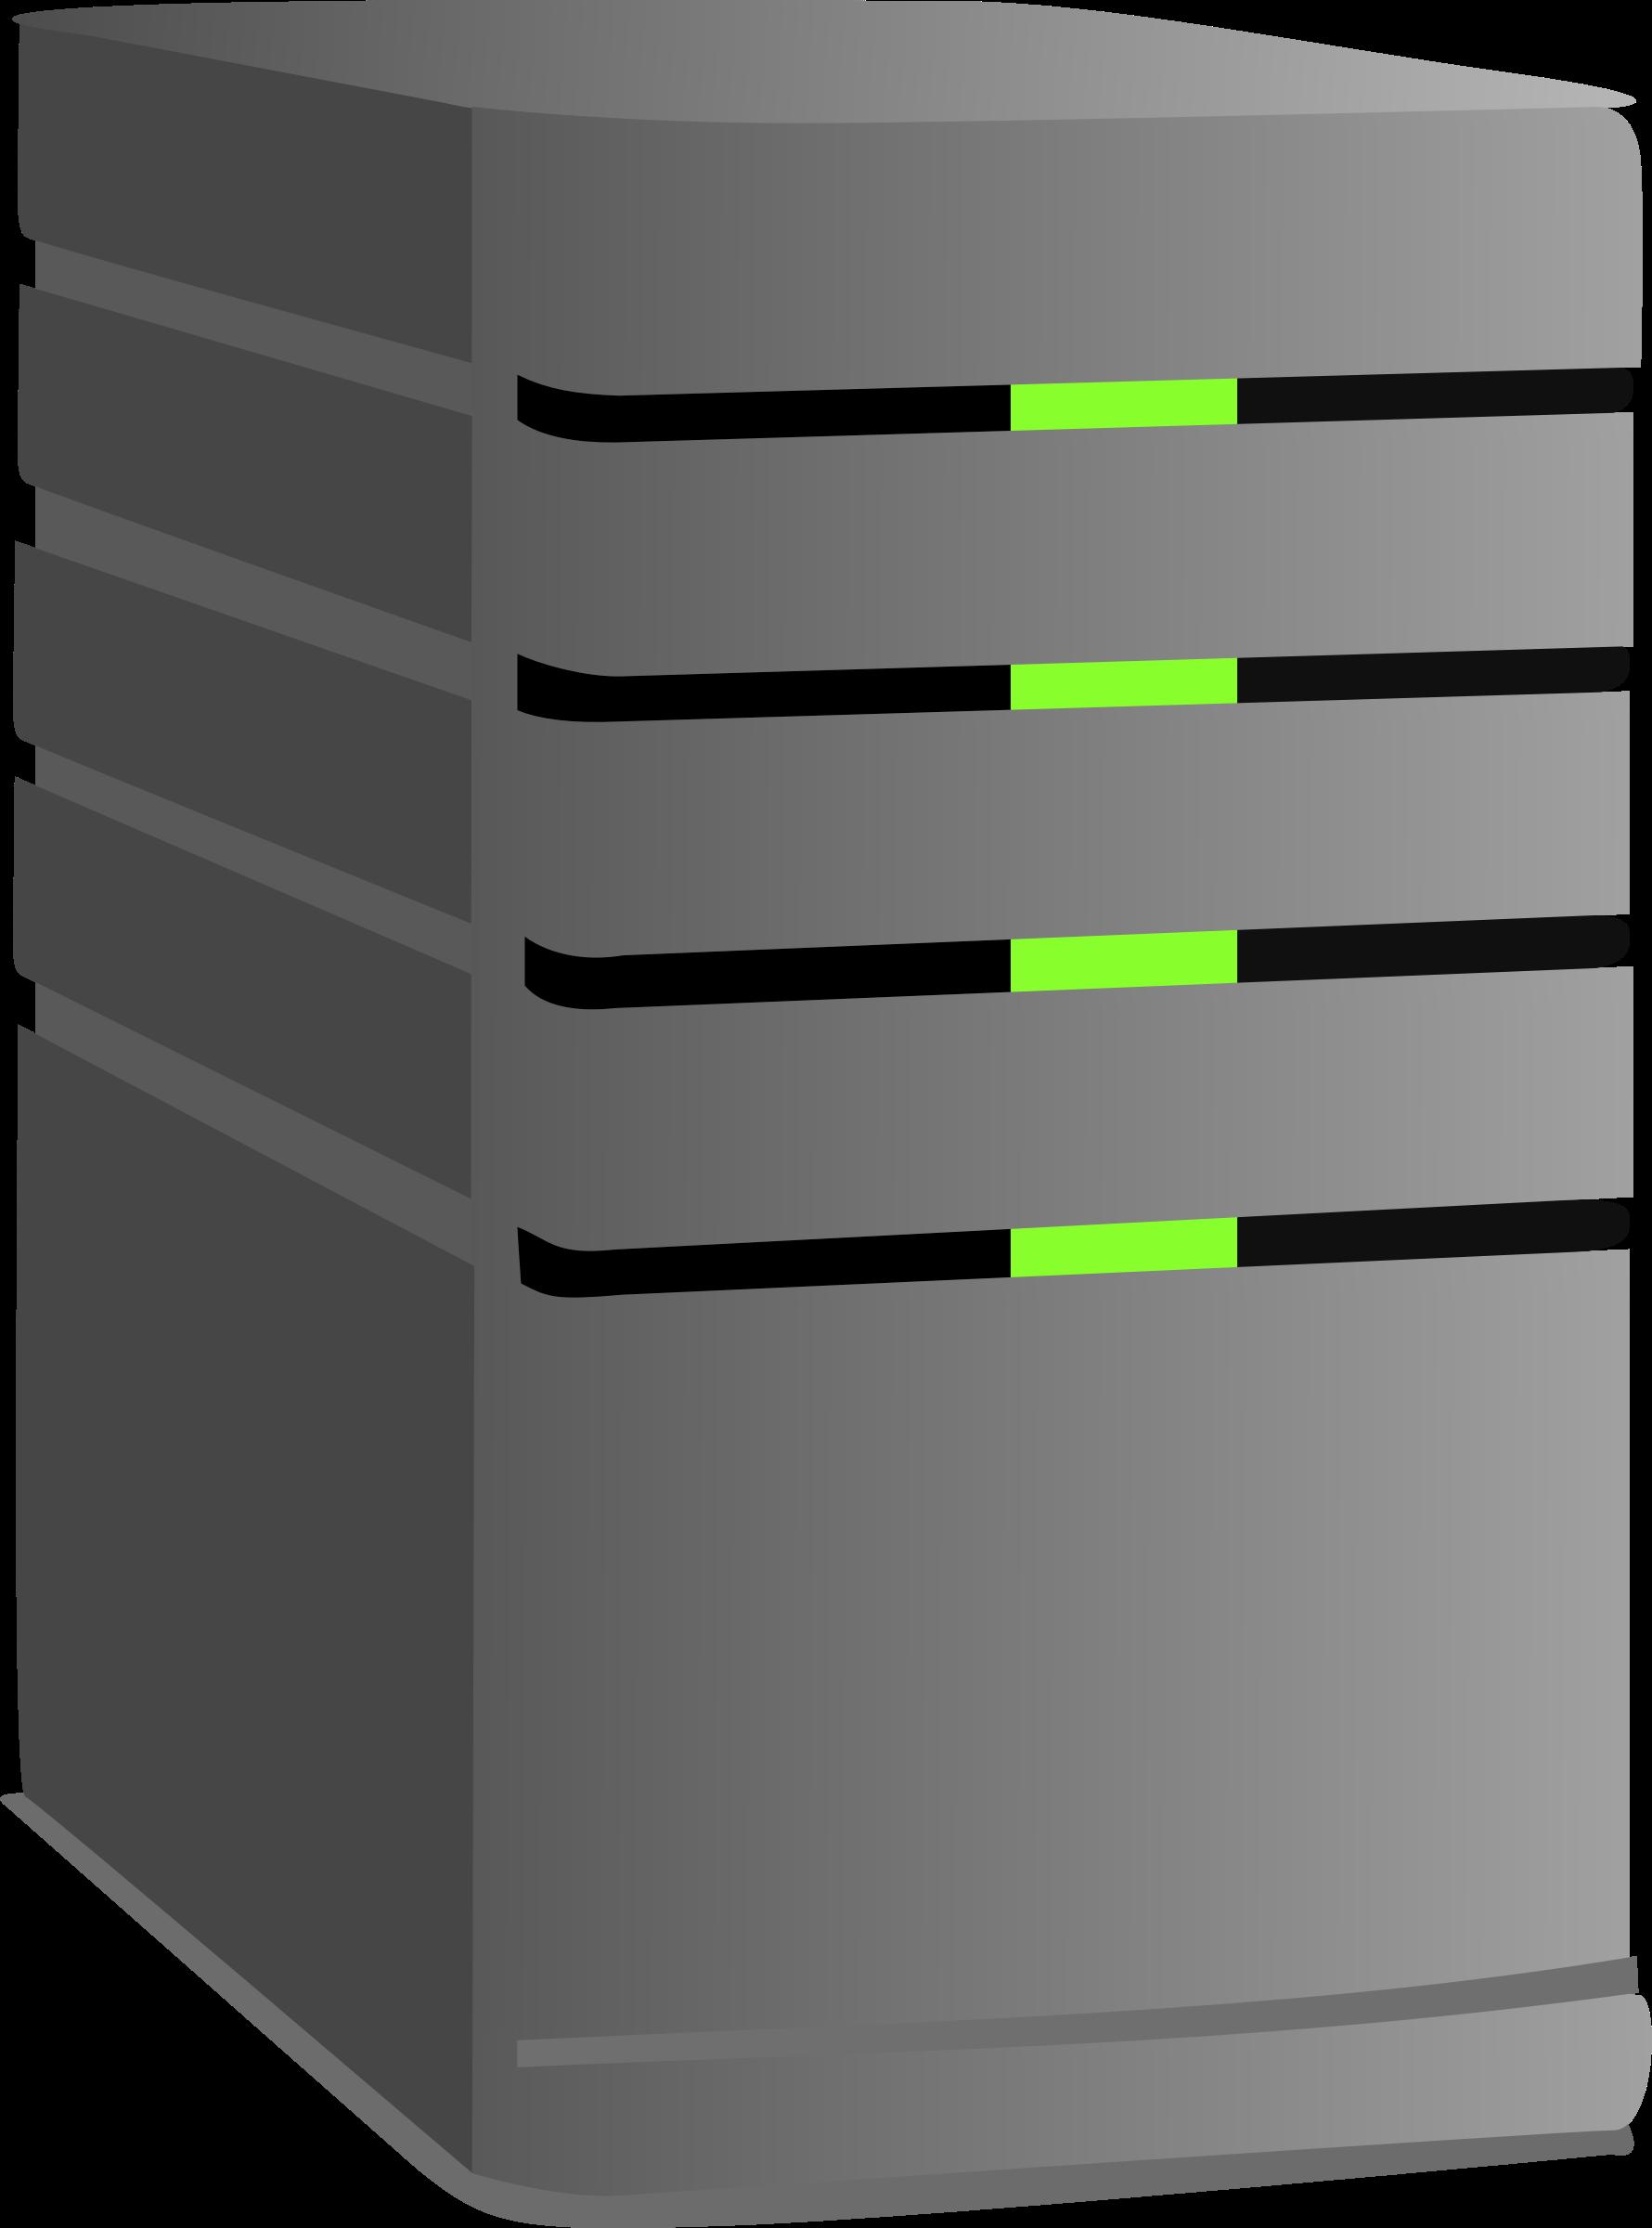 Computer Server Clip Art Clipart Server-Computer Server Clip Art Clipart Server-2